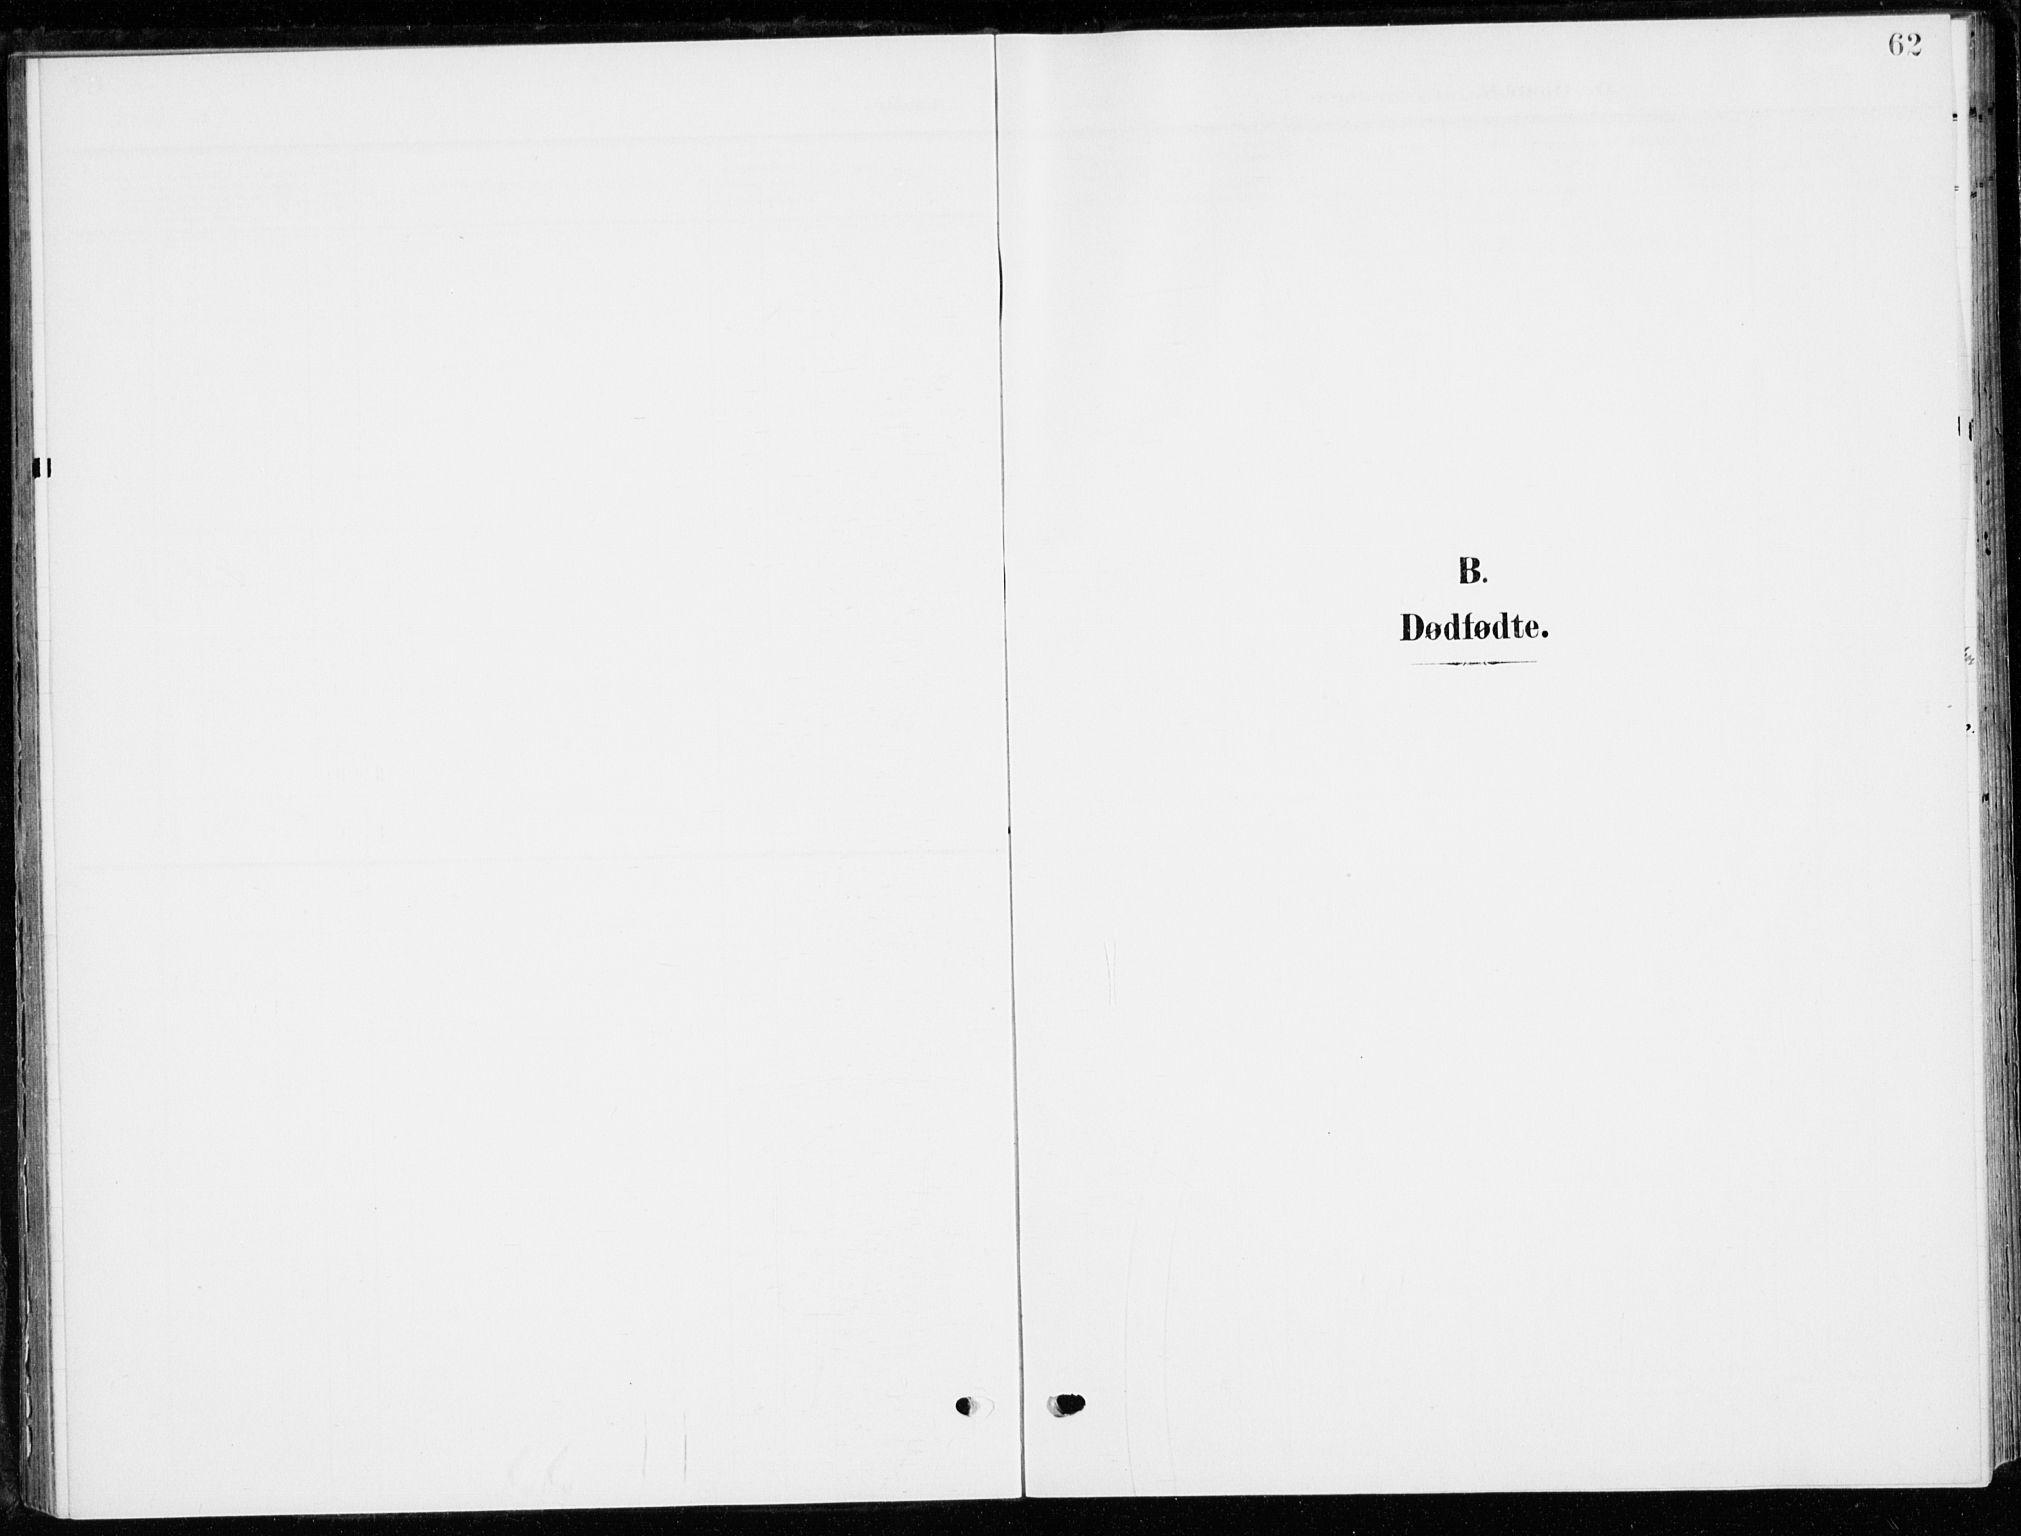 SAH, Ringsaker prestekontor, K/Ka/L0021: Ministerialbok nr. 21, 1905-1920, s. 62